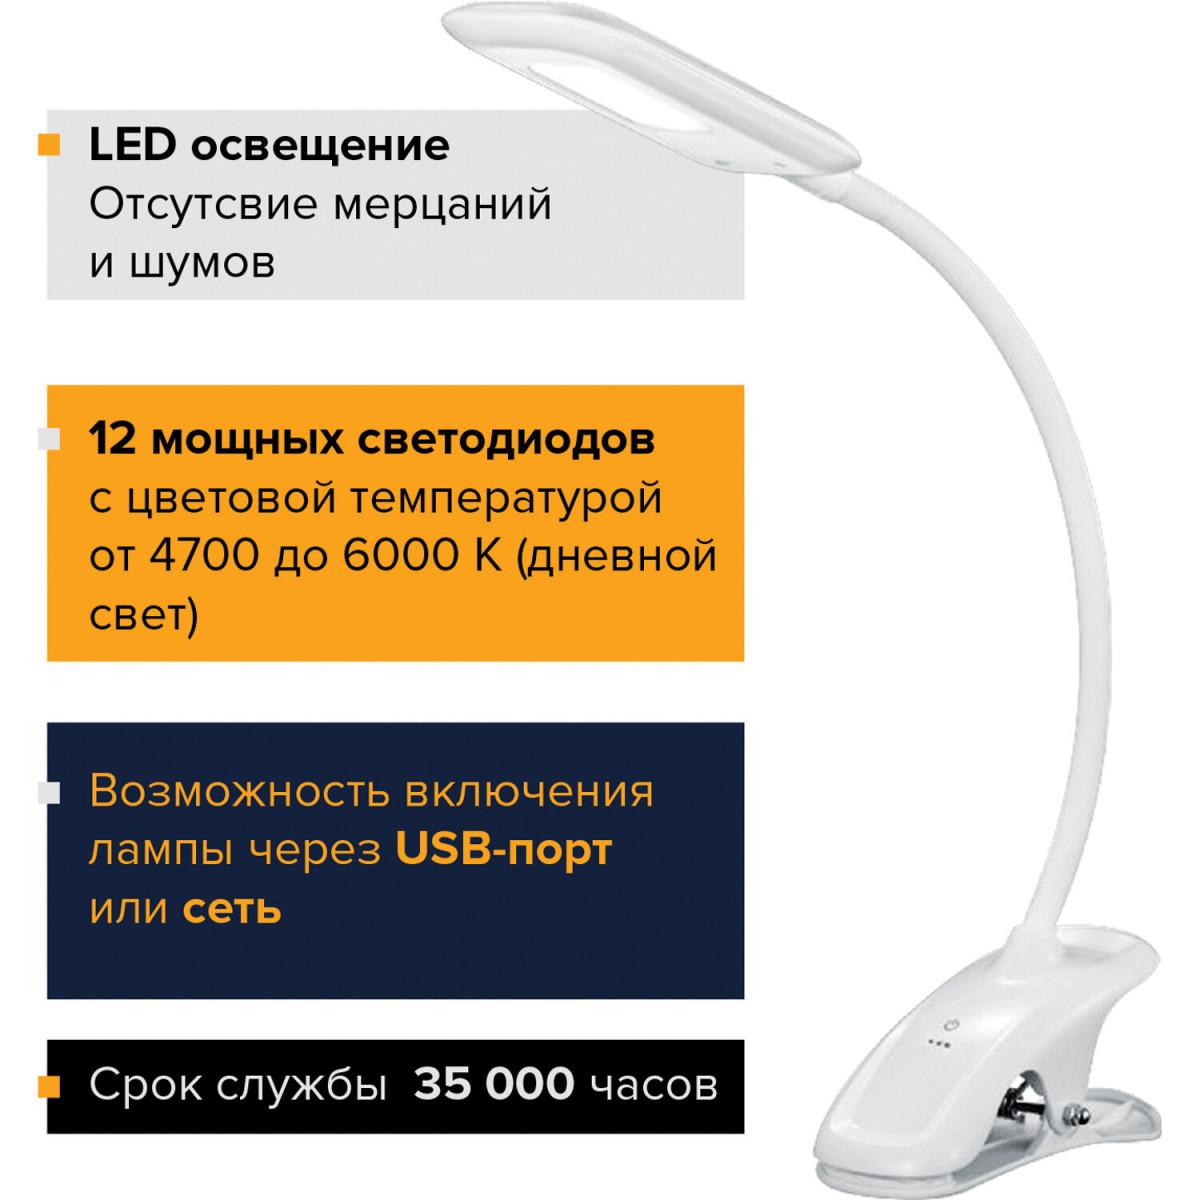 Светильник настольный SONNEN BR-819C, на прищепке, светодиодный, 8 Вт, белый, 236667 (арт. 236667)